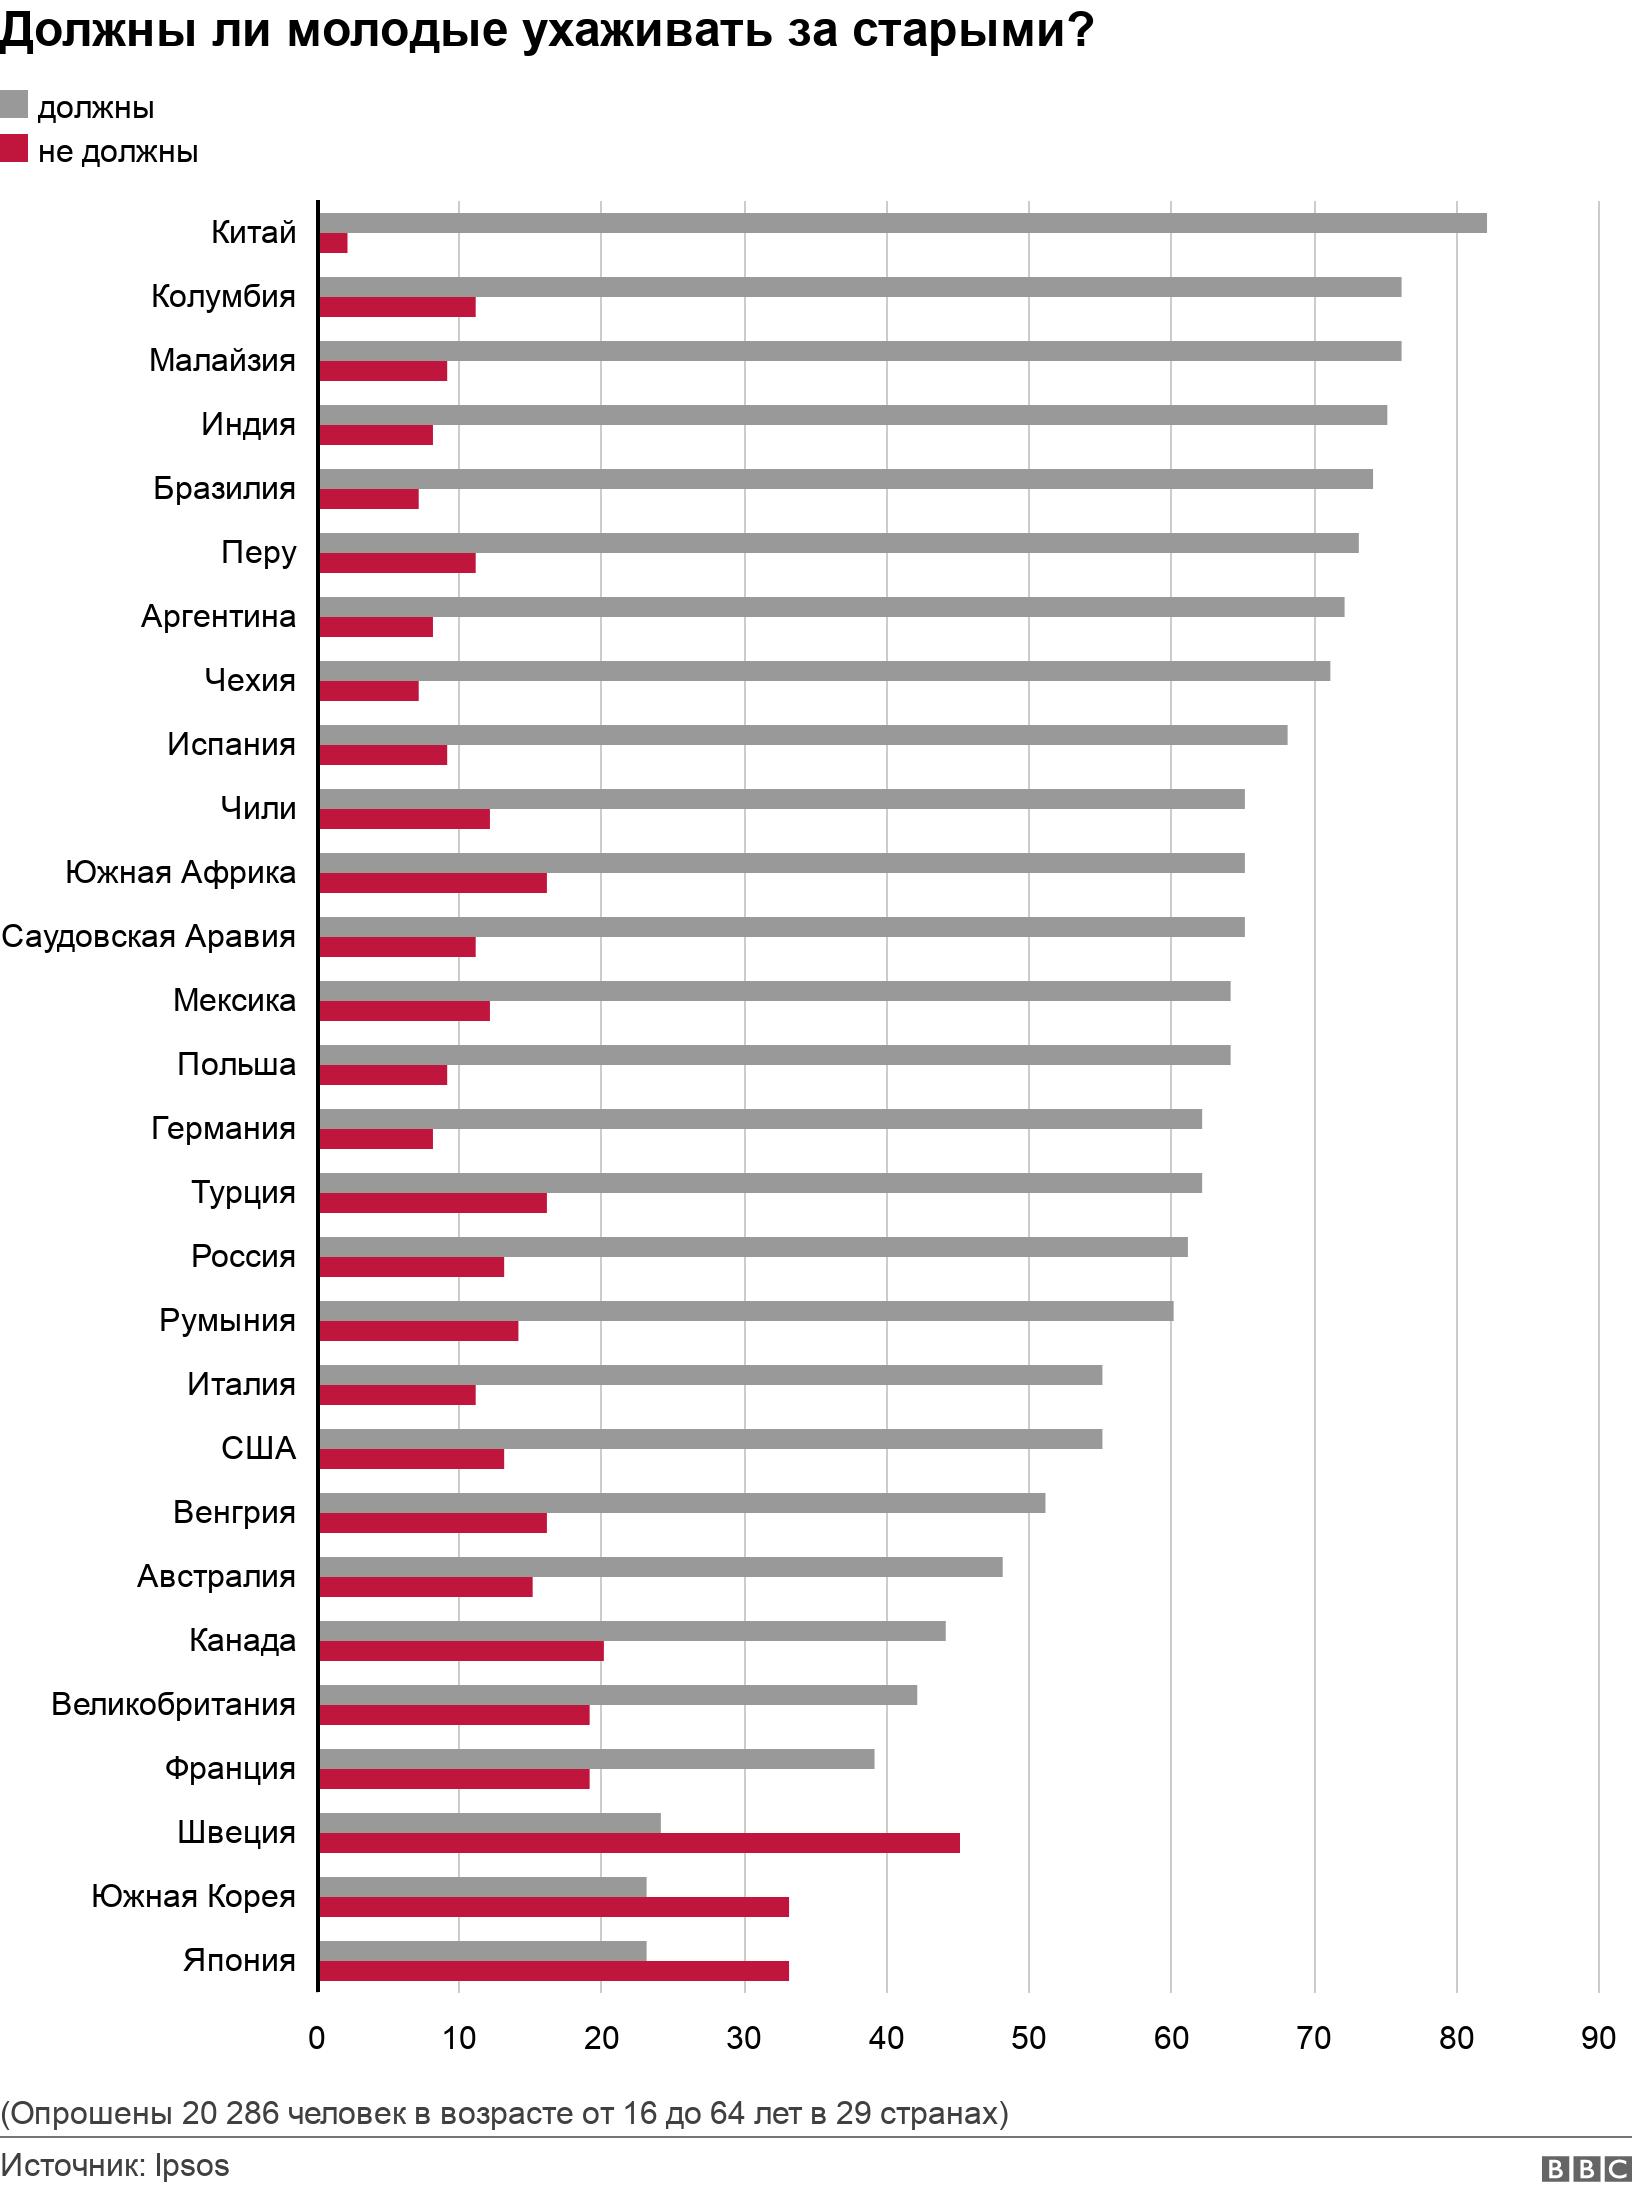 Должны ли молодые ухаживать за старыми?. .  (Опрошены 20 286 человек в возрасте от 16 до 64 лет в 29 странах).